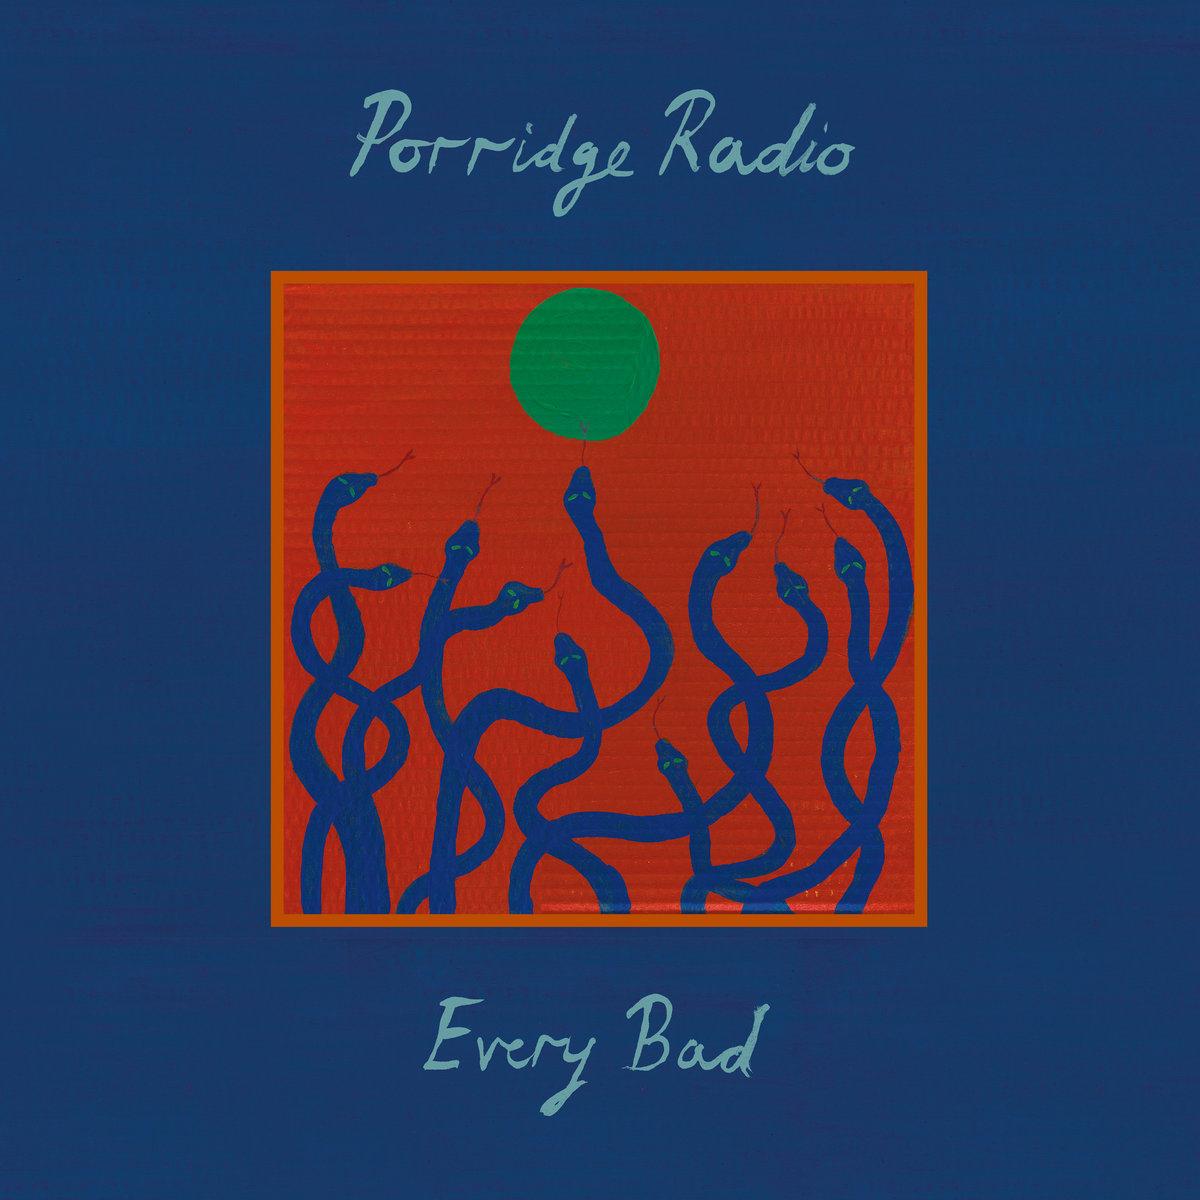 Porridge Radio - Every Bad